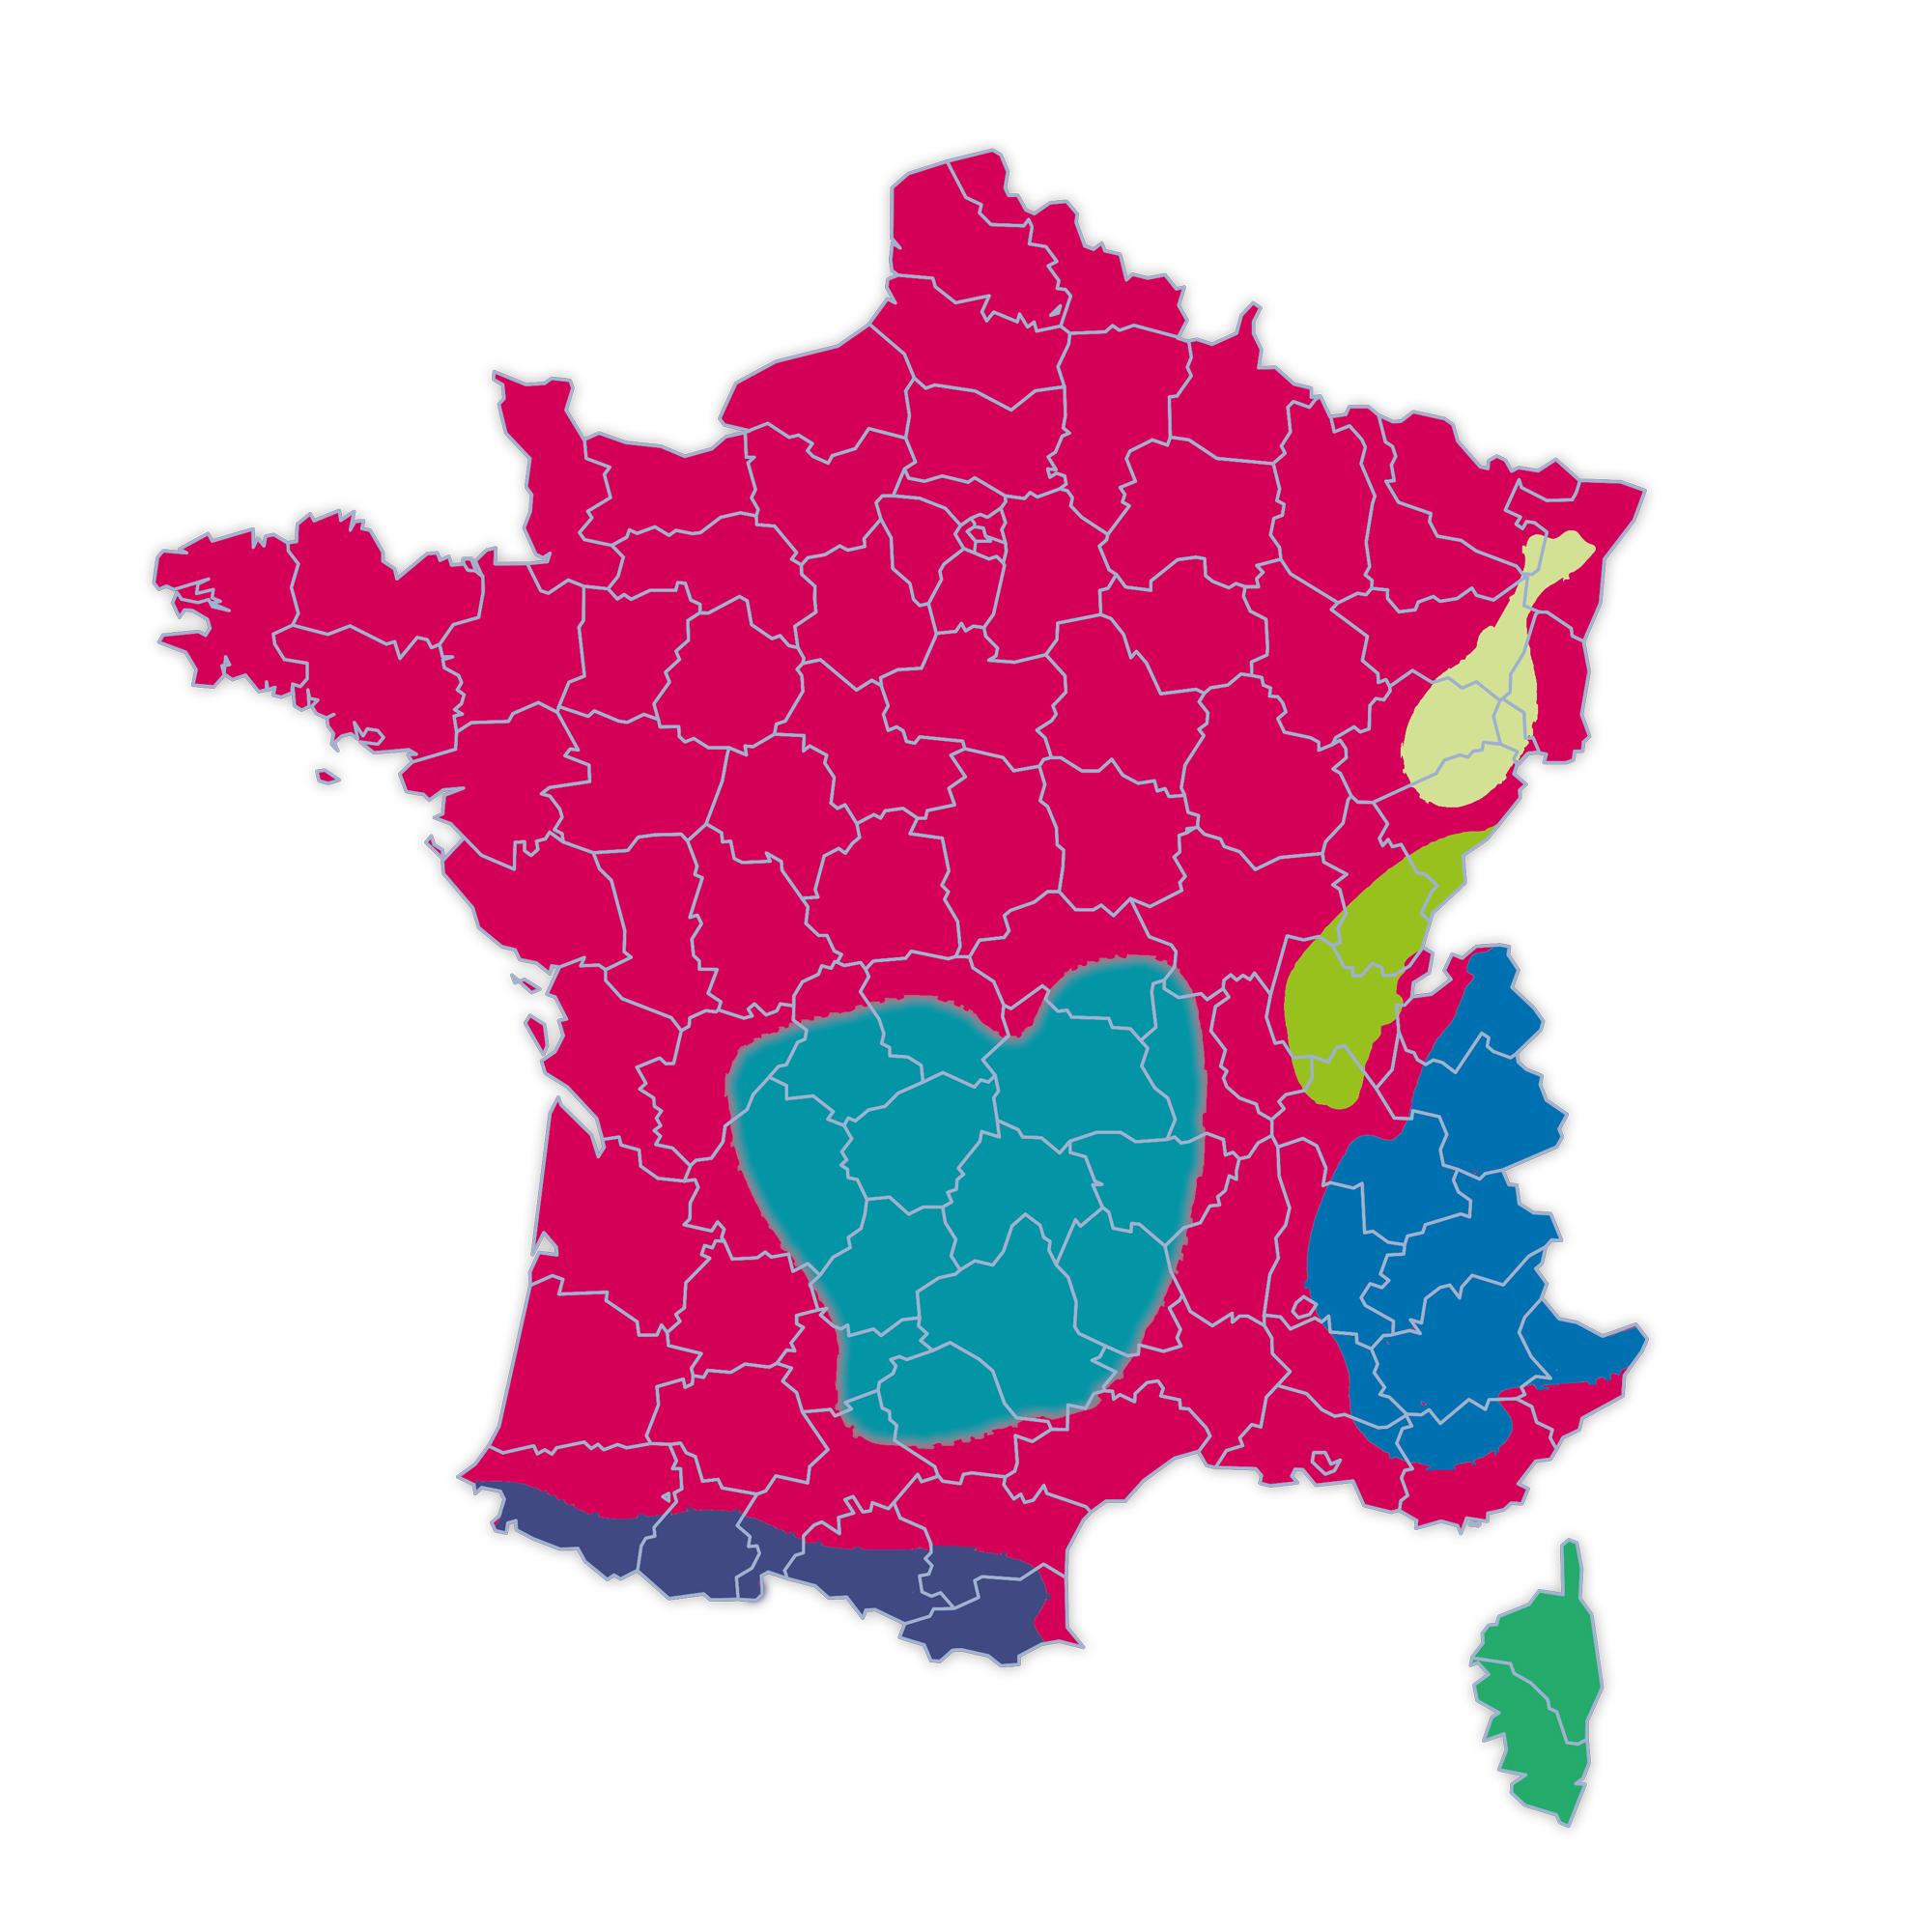 Loi montagne_48 départements français